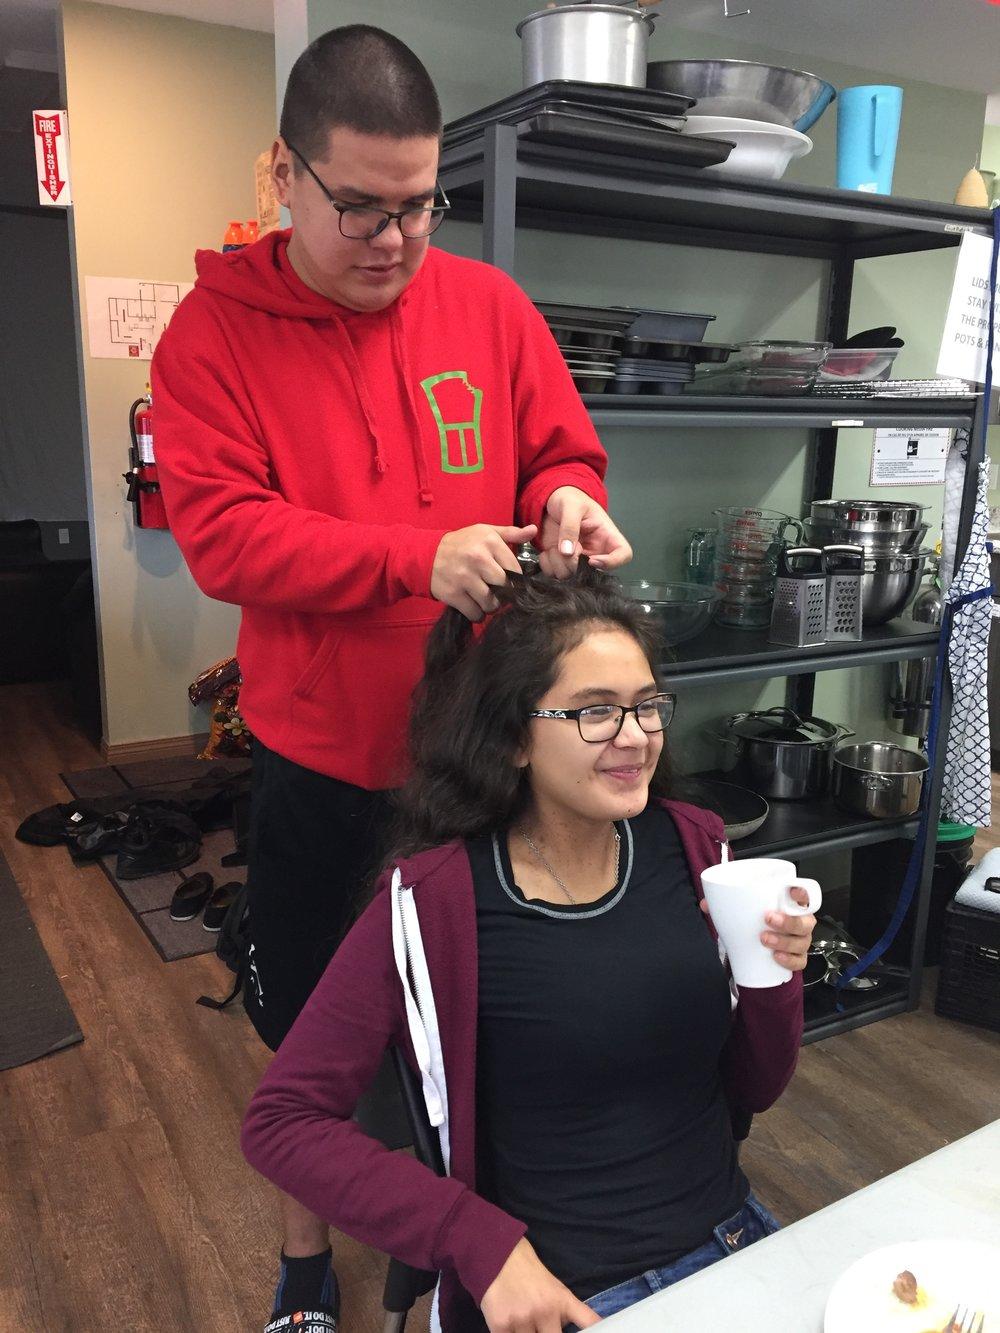 Howie braids Elle's hair